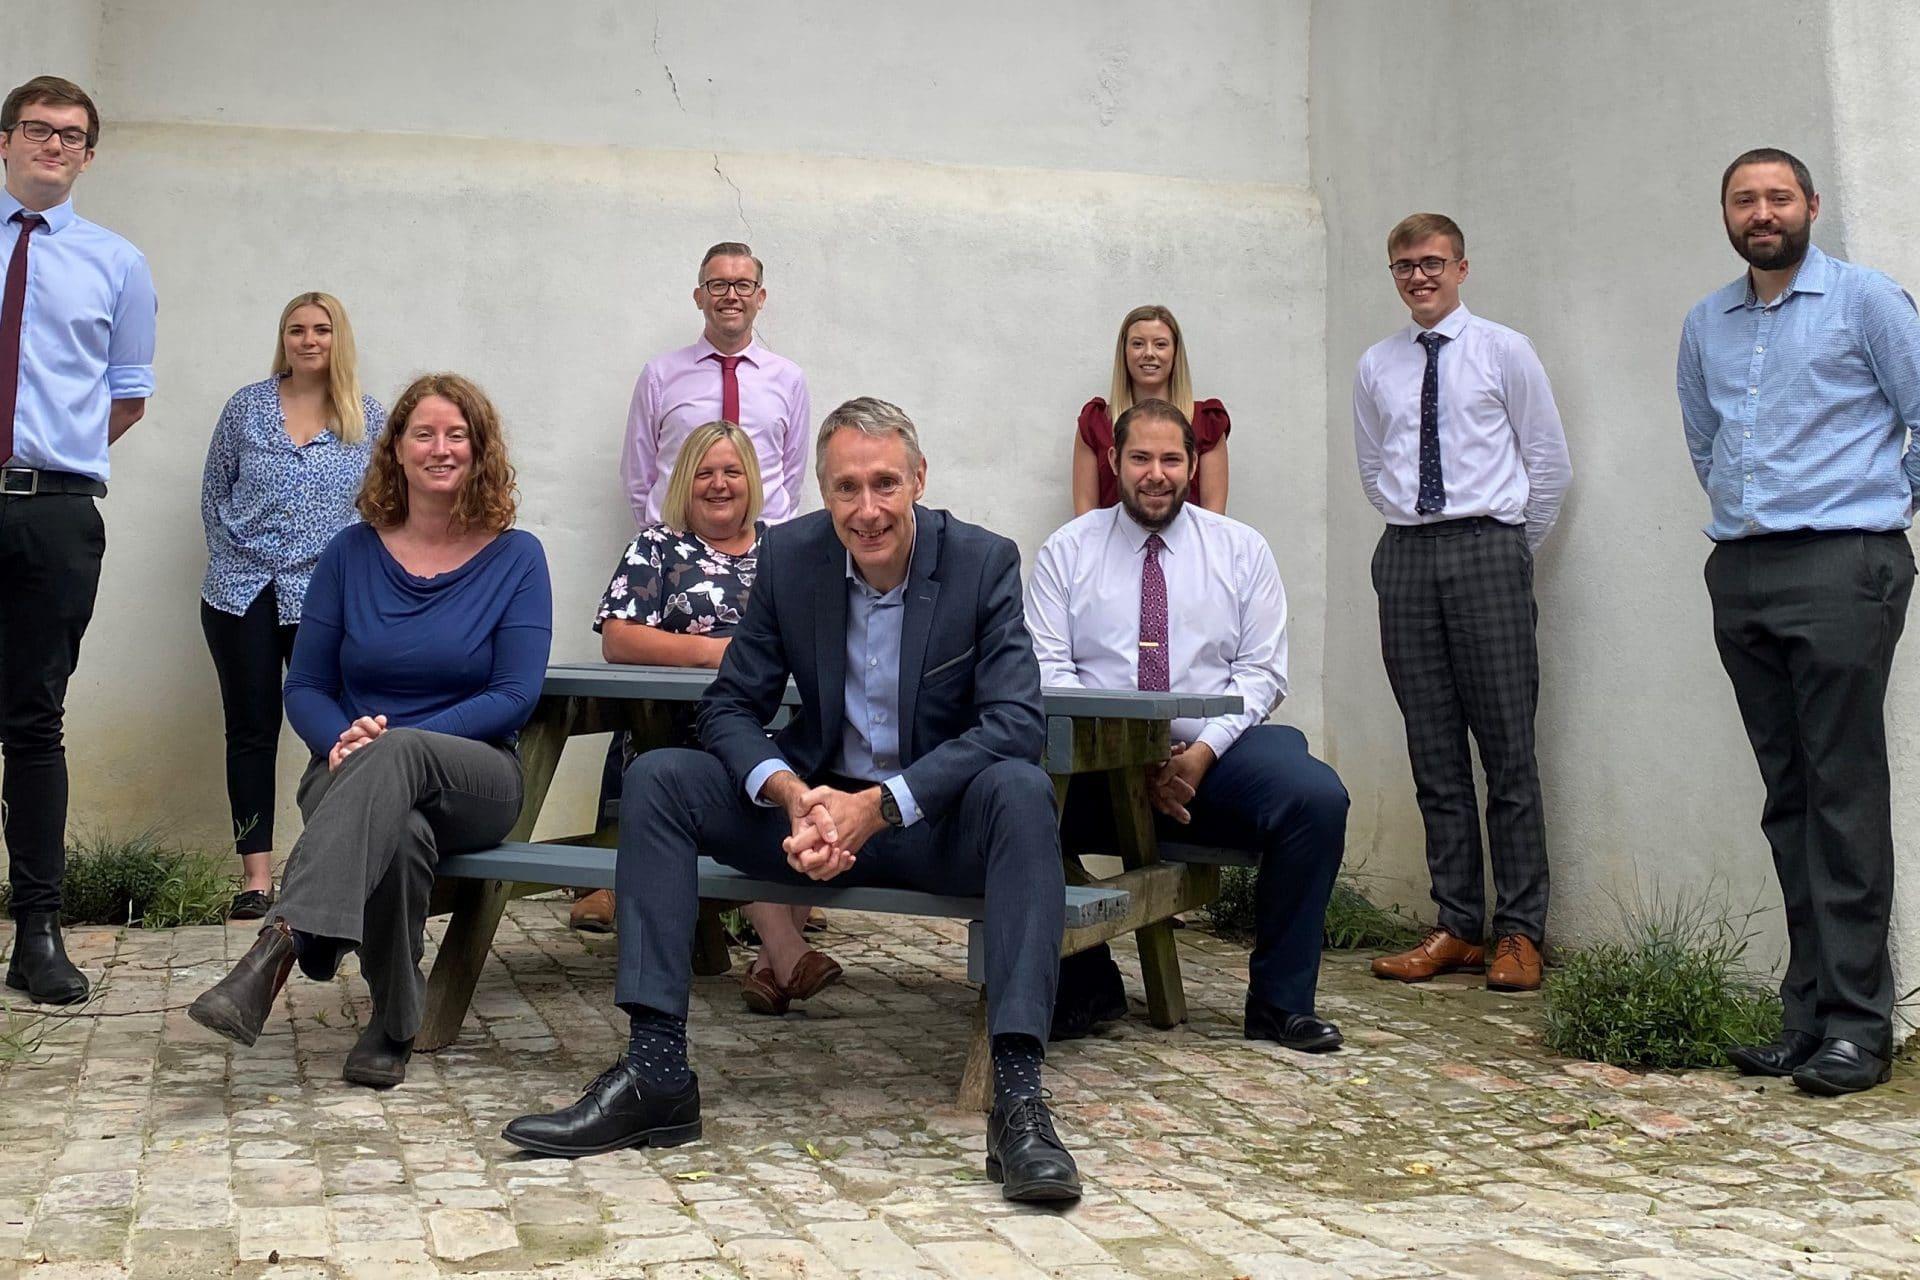 Meet the Team at Stephenson Smart in Fakenham